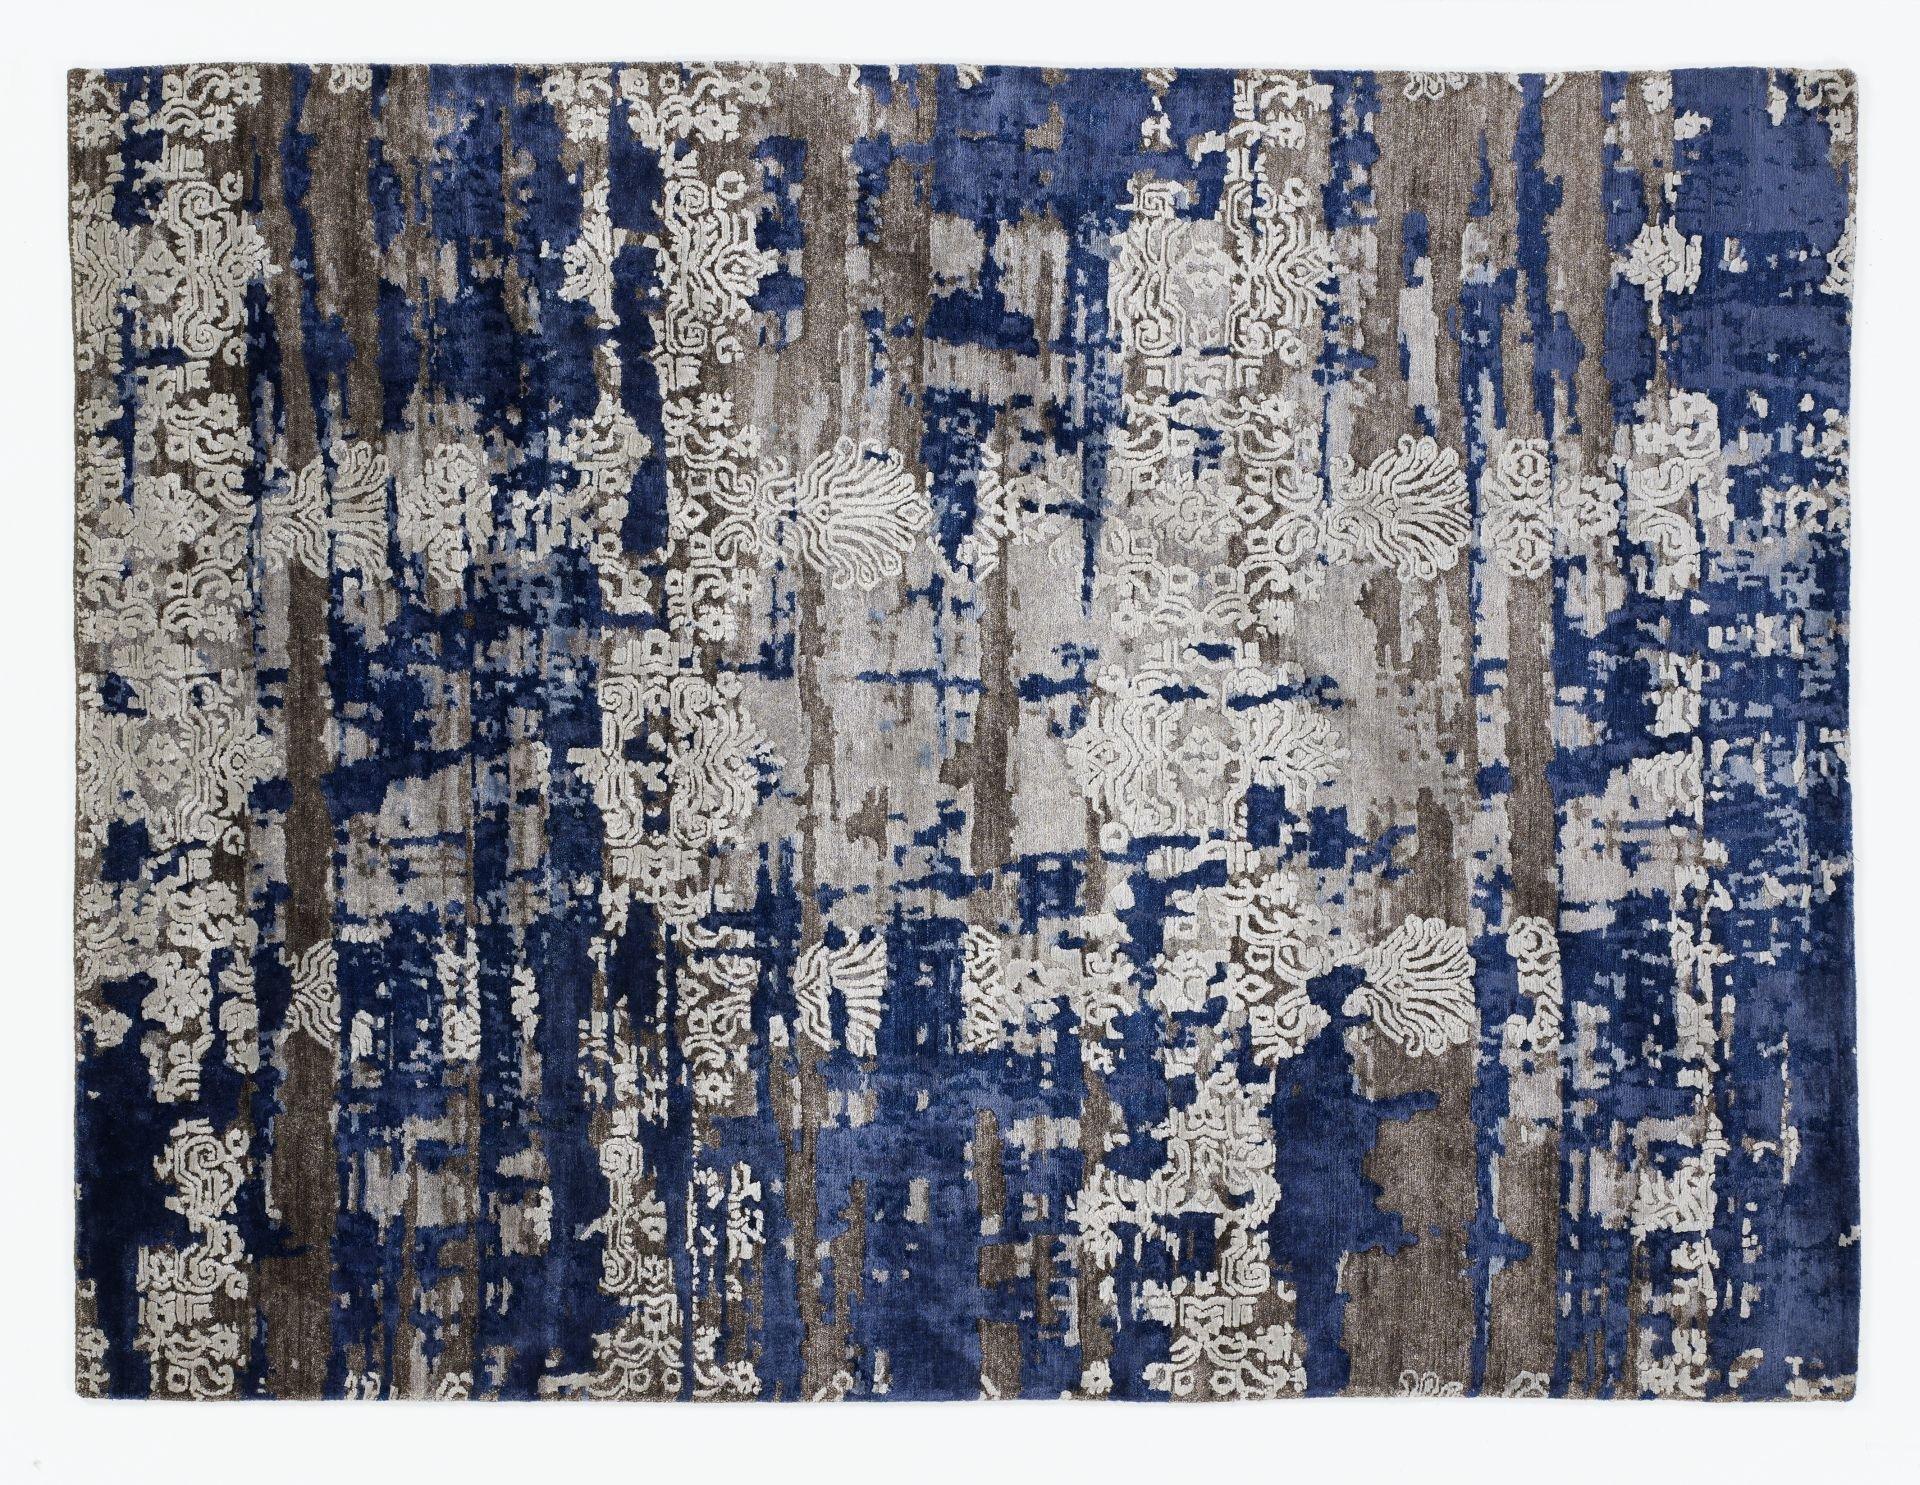 echter original handgeknüpfter Designer-Teppich SIGNATURE FUSION braun-blau